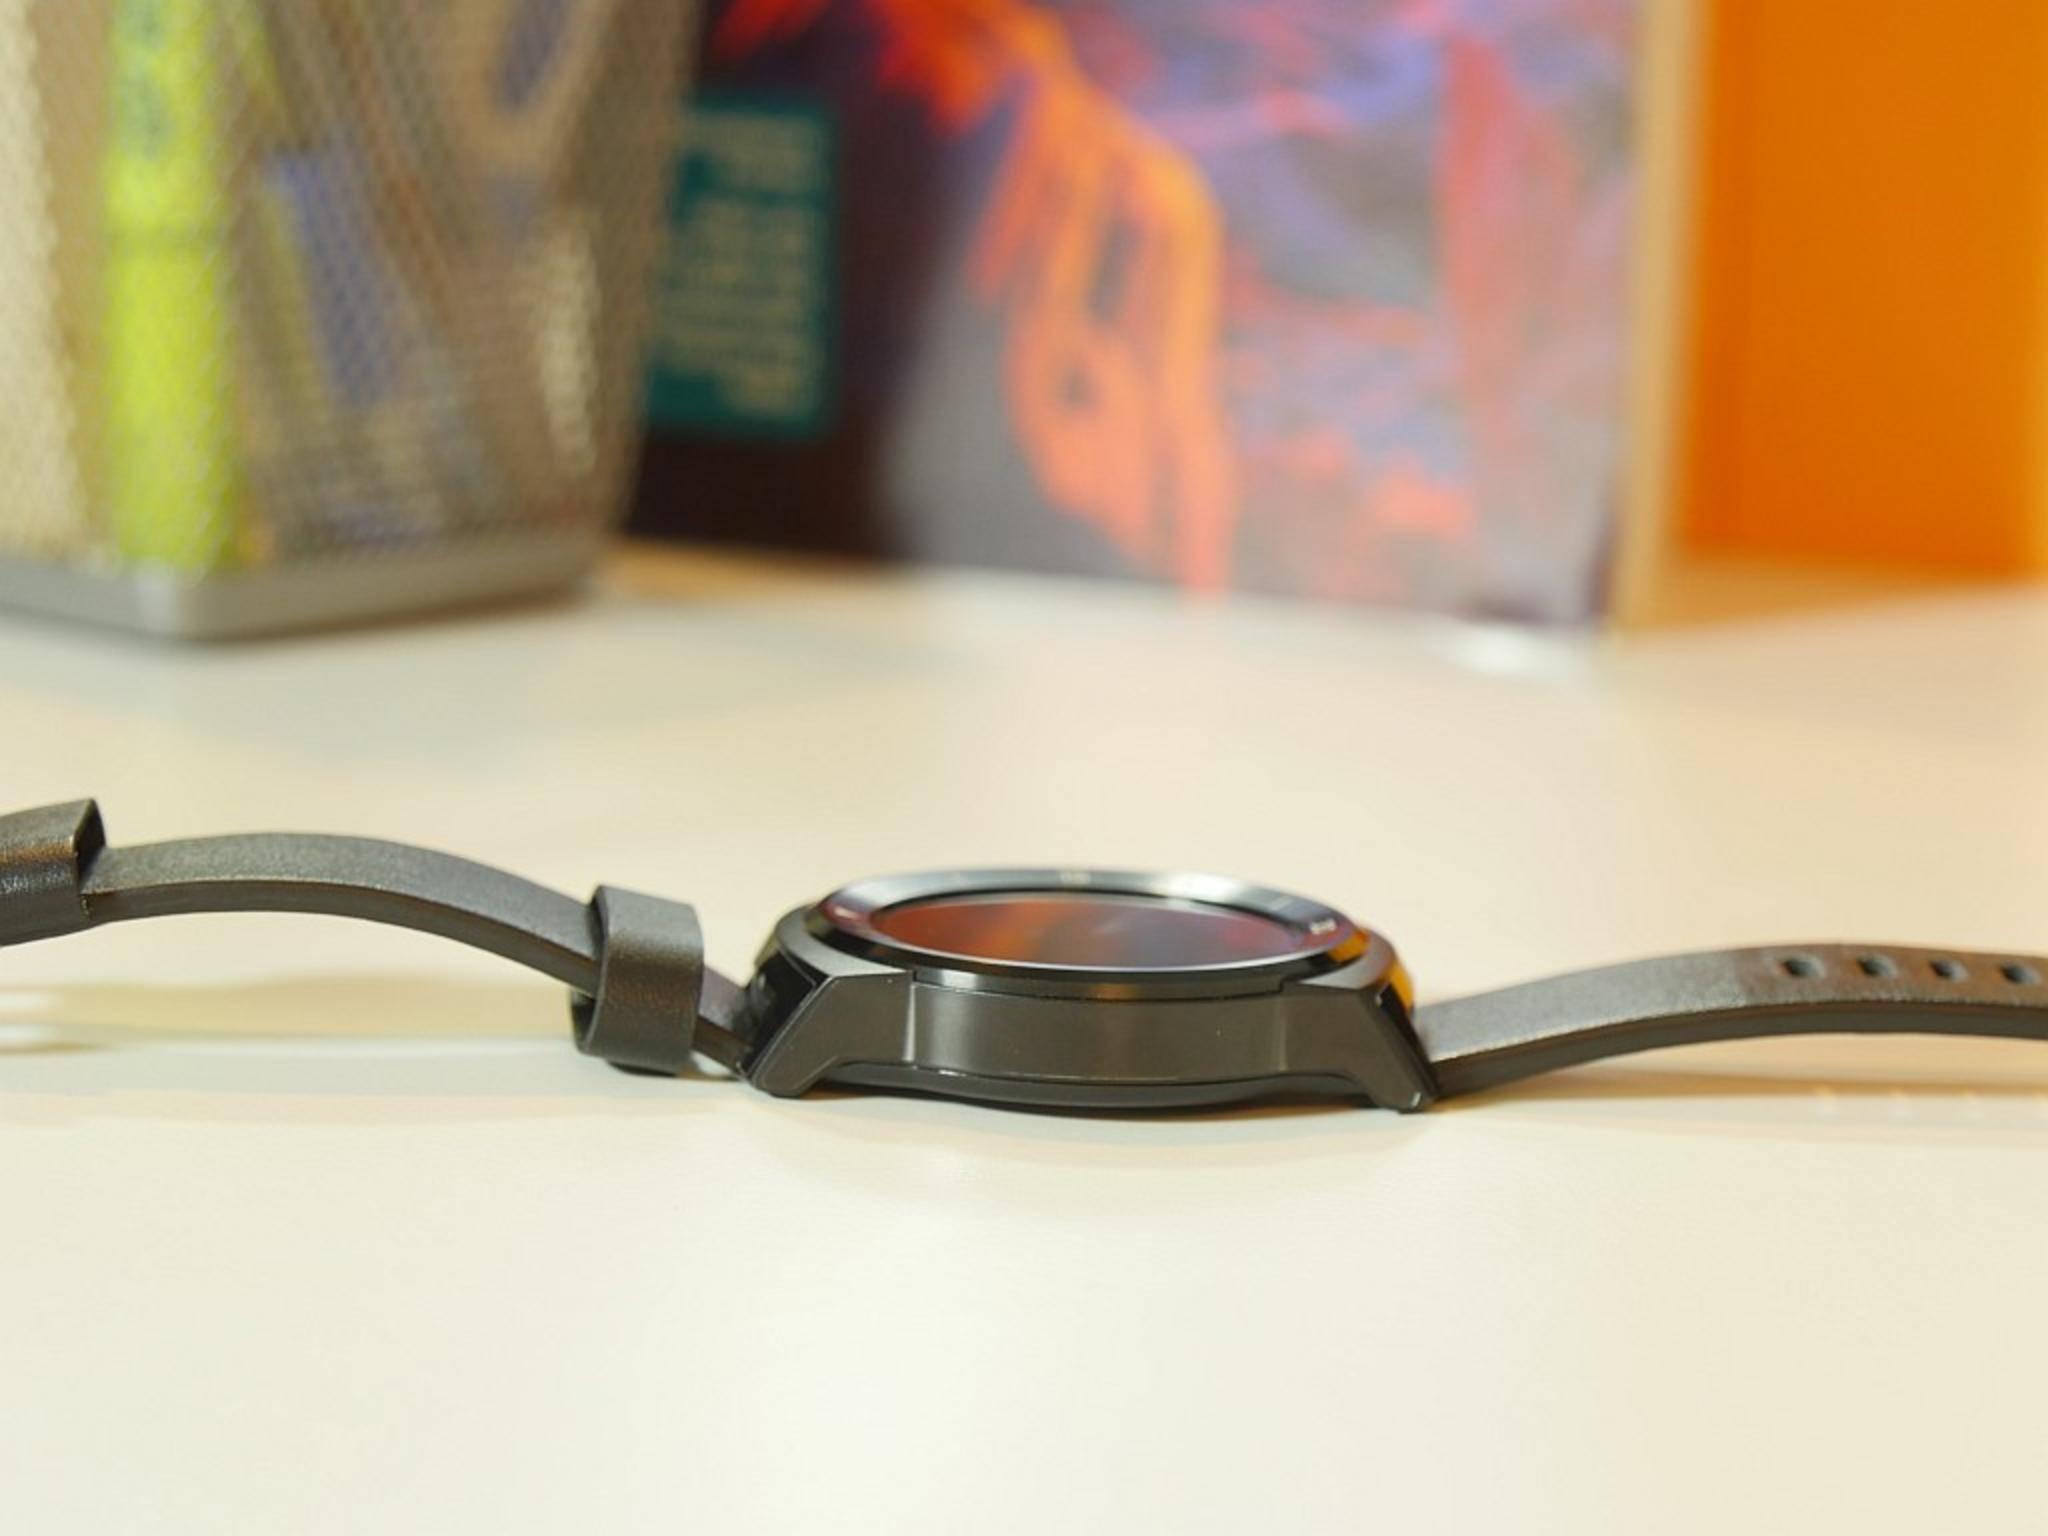 Dennoch ist die LG G Watch R nicht schwer und nach kurzer Eingewöhnung angenehm zu tragen.